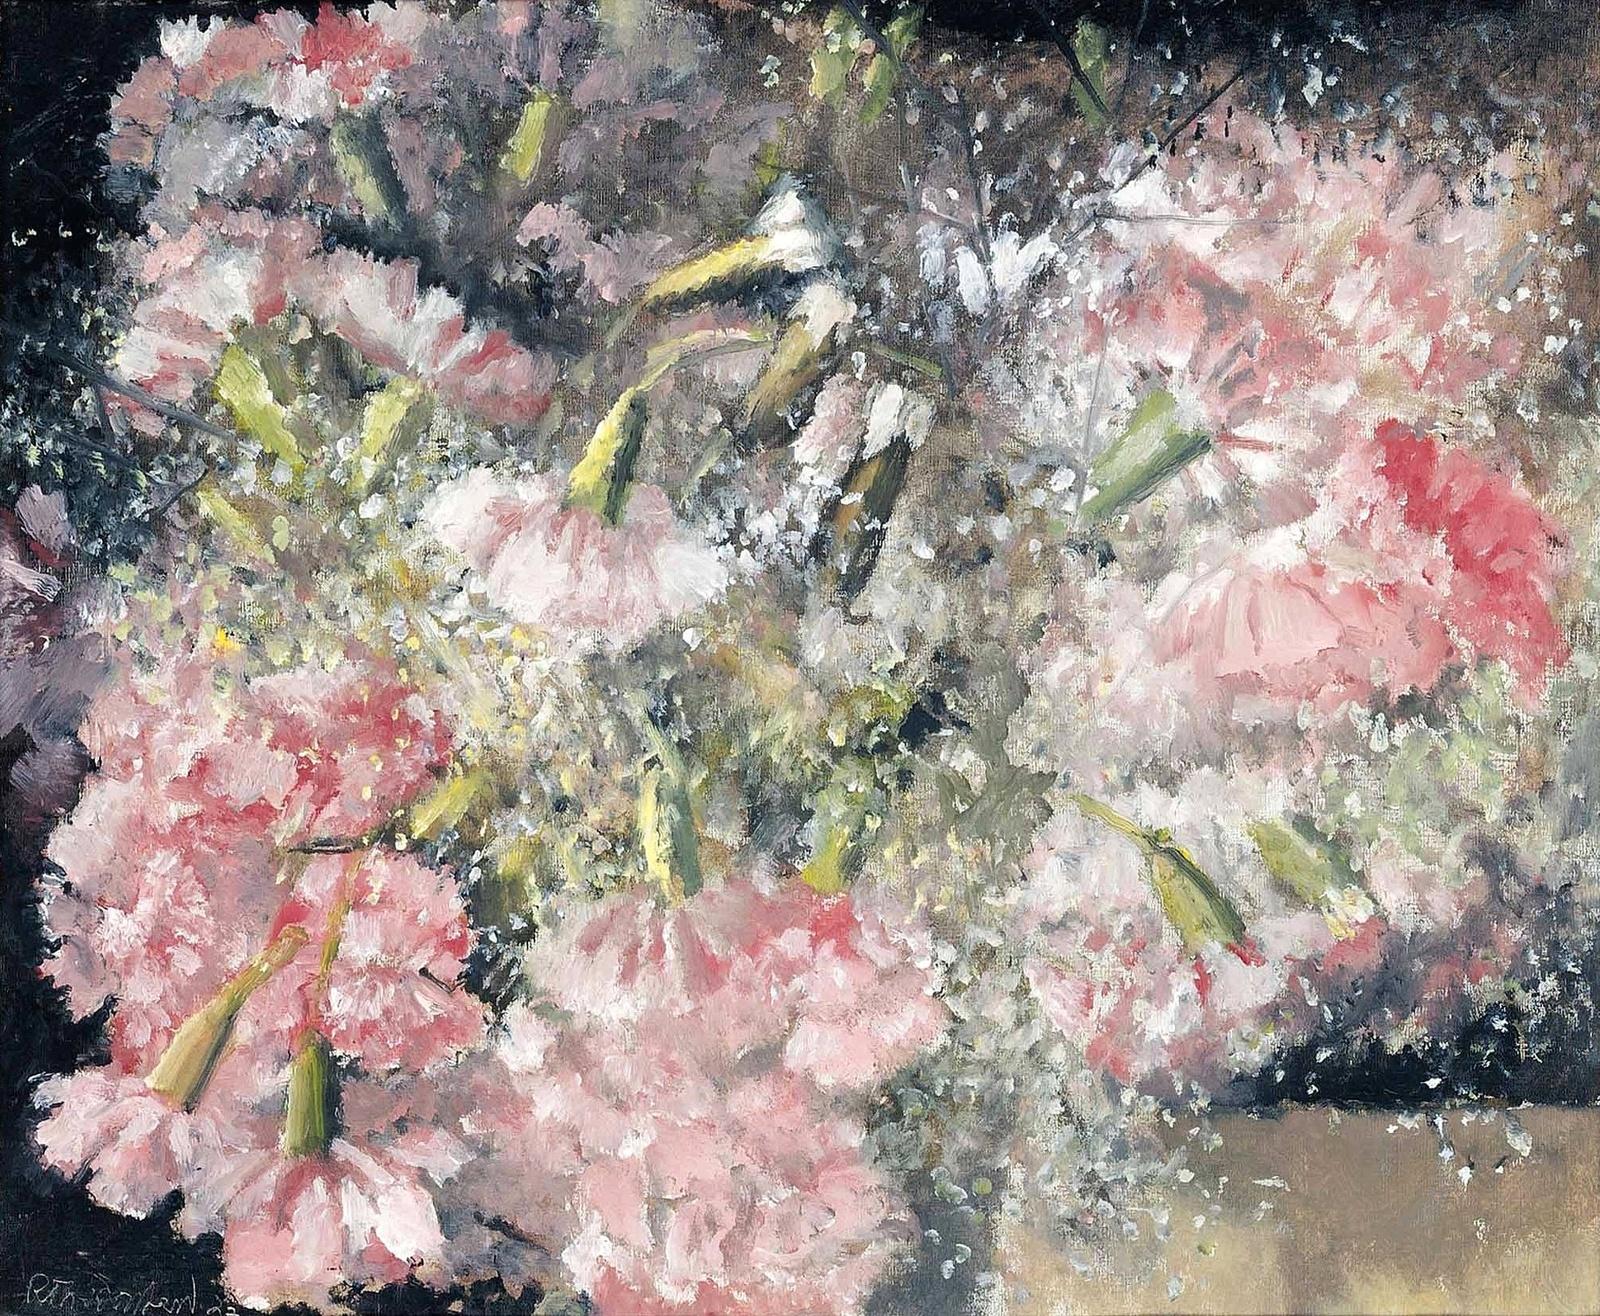 1937_Розовые гвоздики (Pink carnations)_38.1 x 45.6_х.,м._Частное собрание.jpg